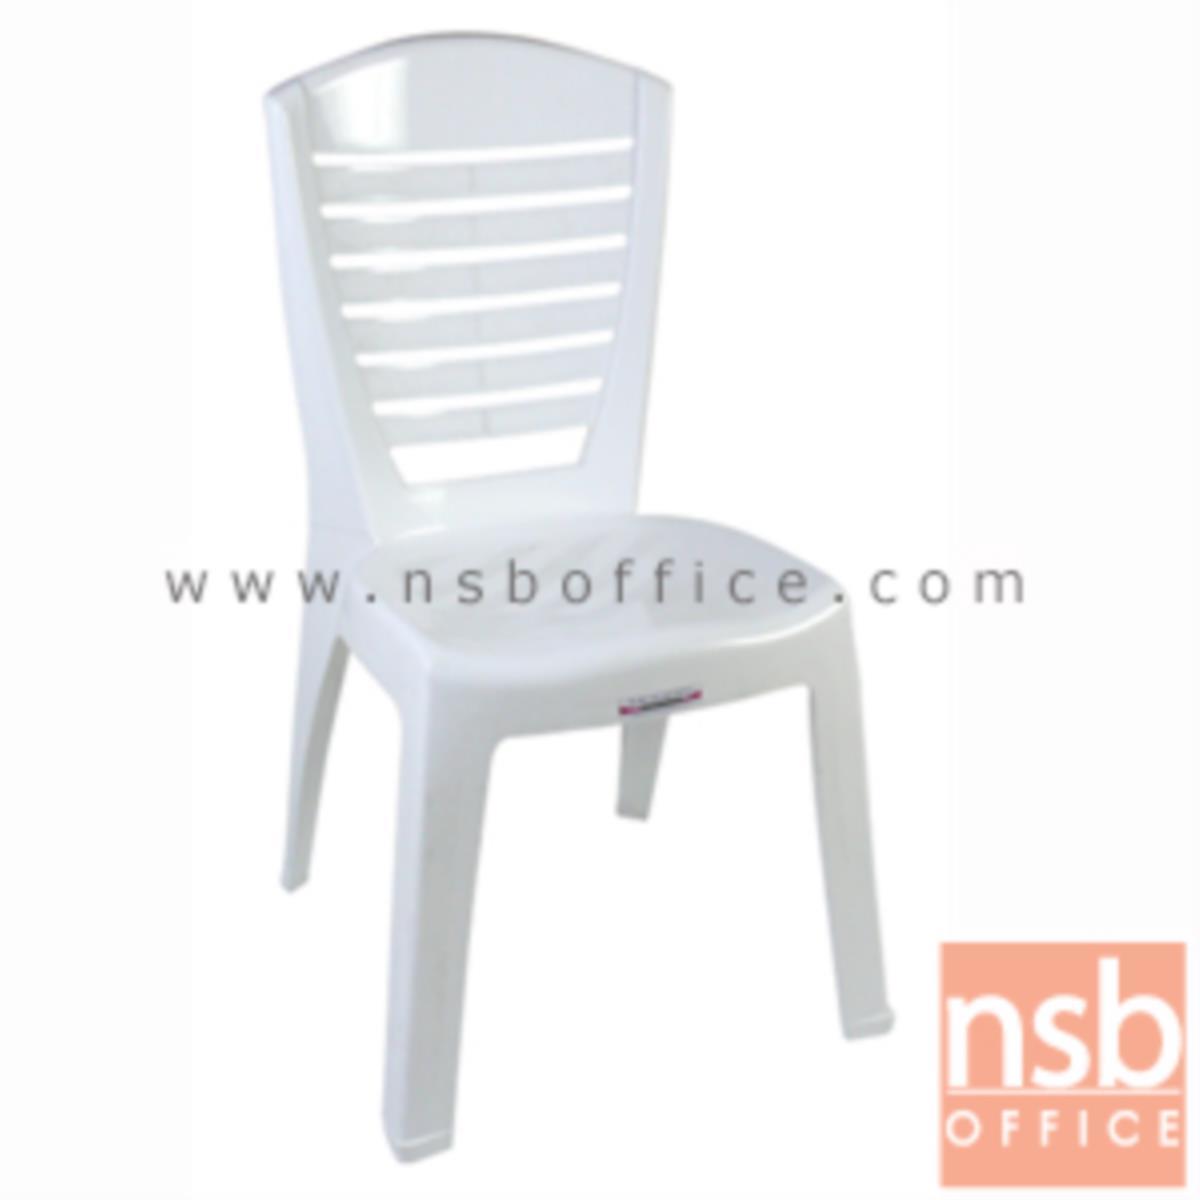 เก้าอี้พลาสติก รุ่น CD-PG-01 ซ้อนเก็บได้ (พลาสติกเกรด A)